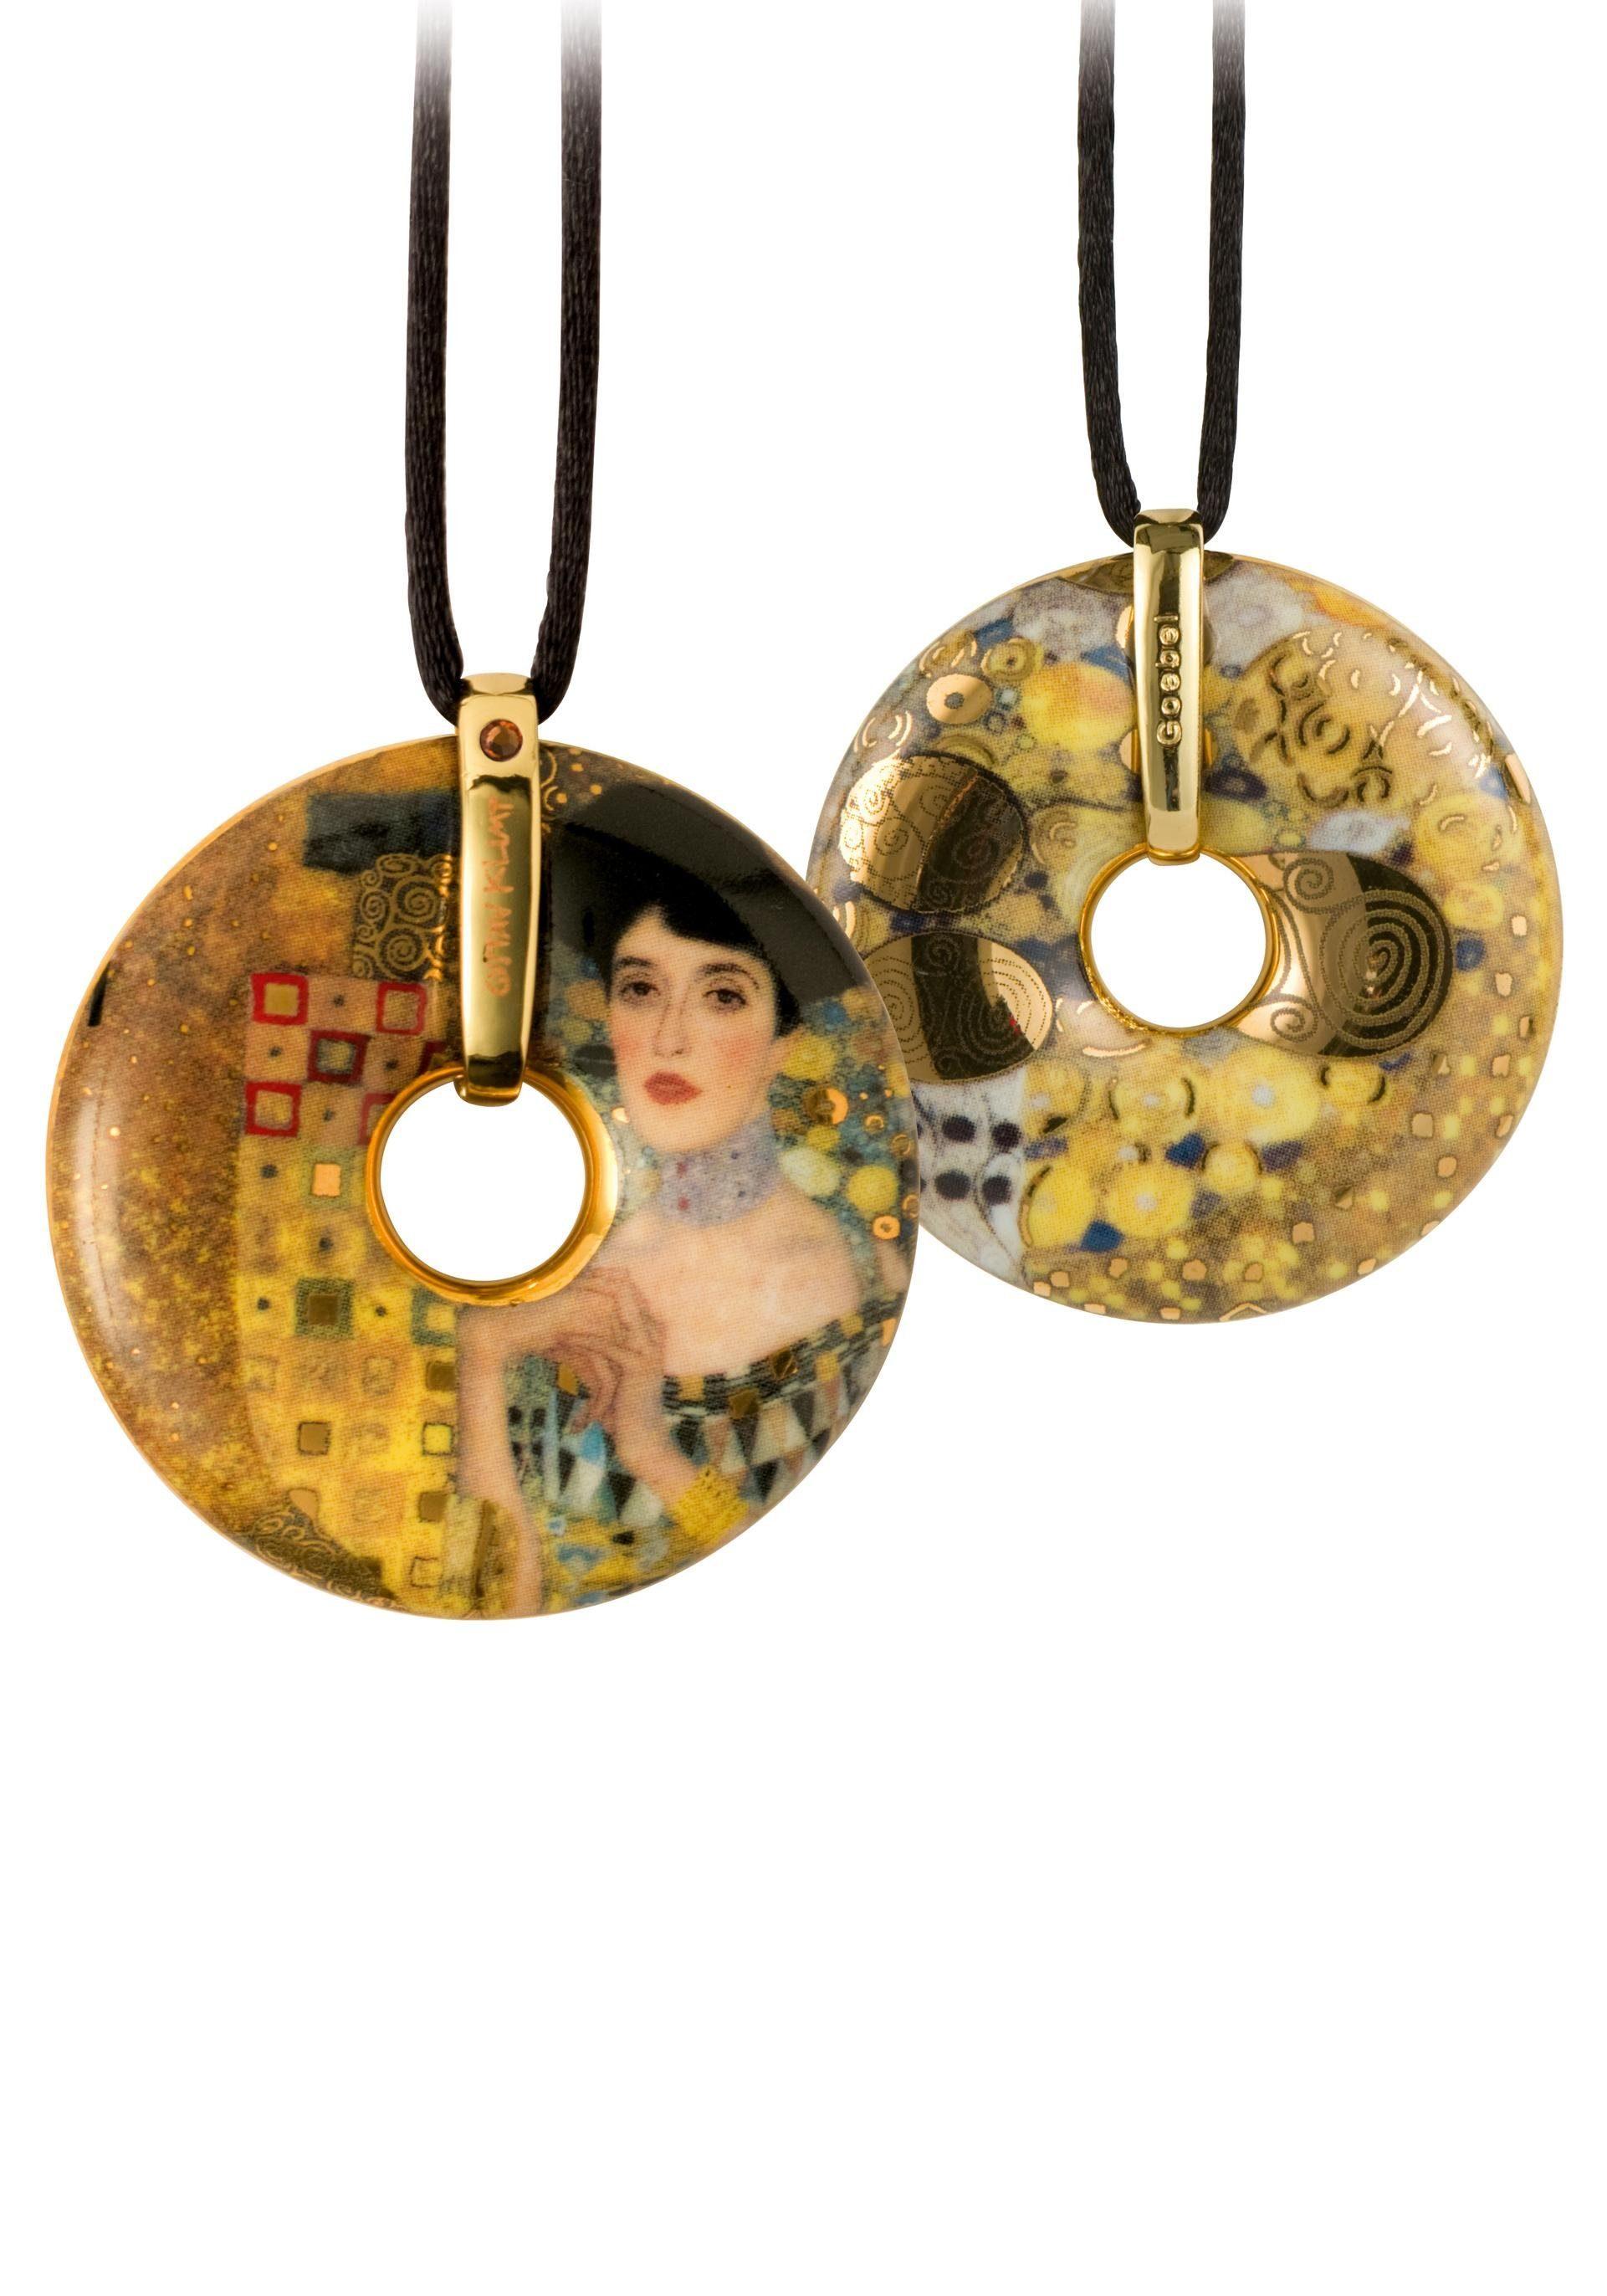 Goebel Kette mit Anhänger »Adele Bloch-Bauer, 66989583« mit Swarovski® Kristall